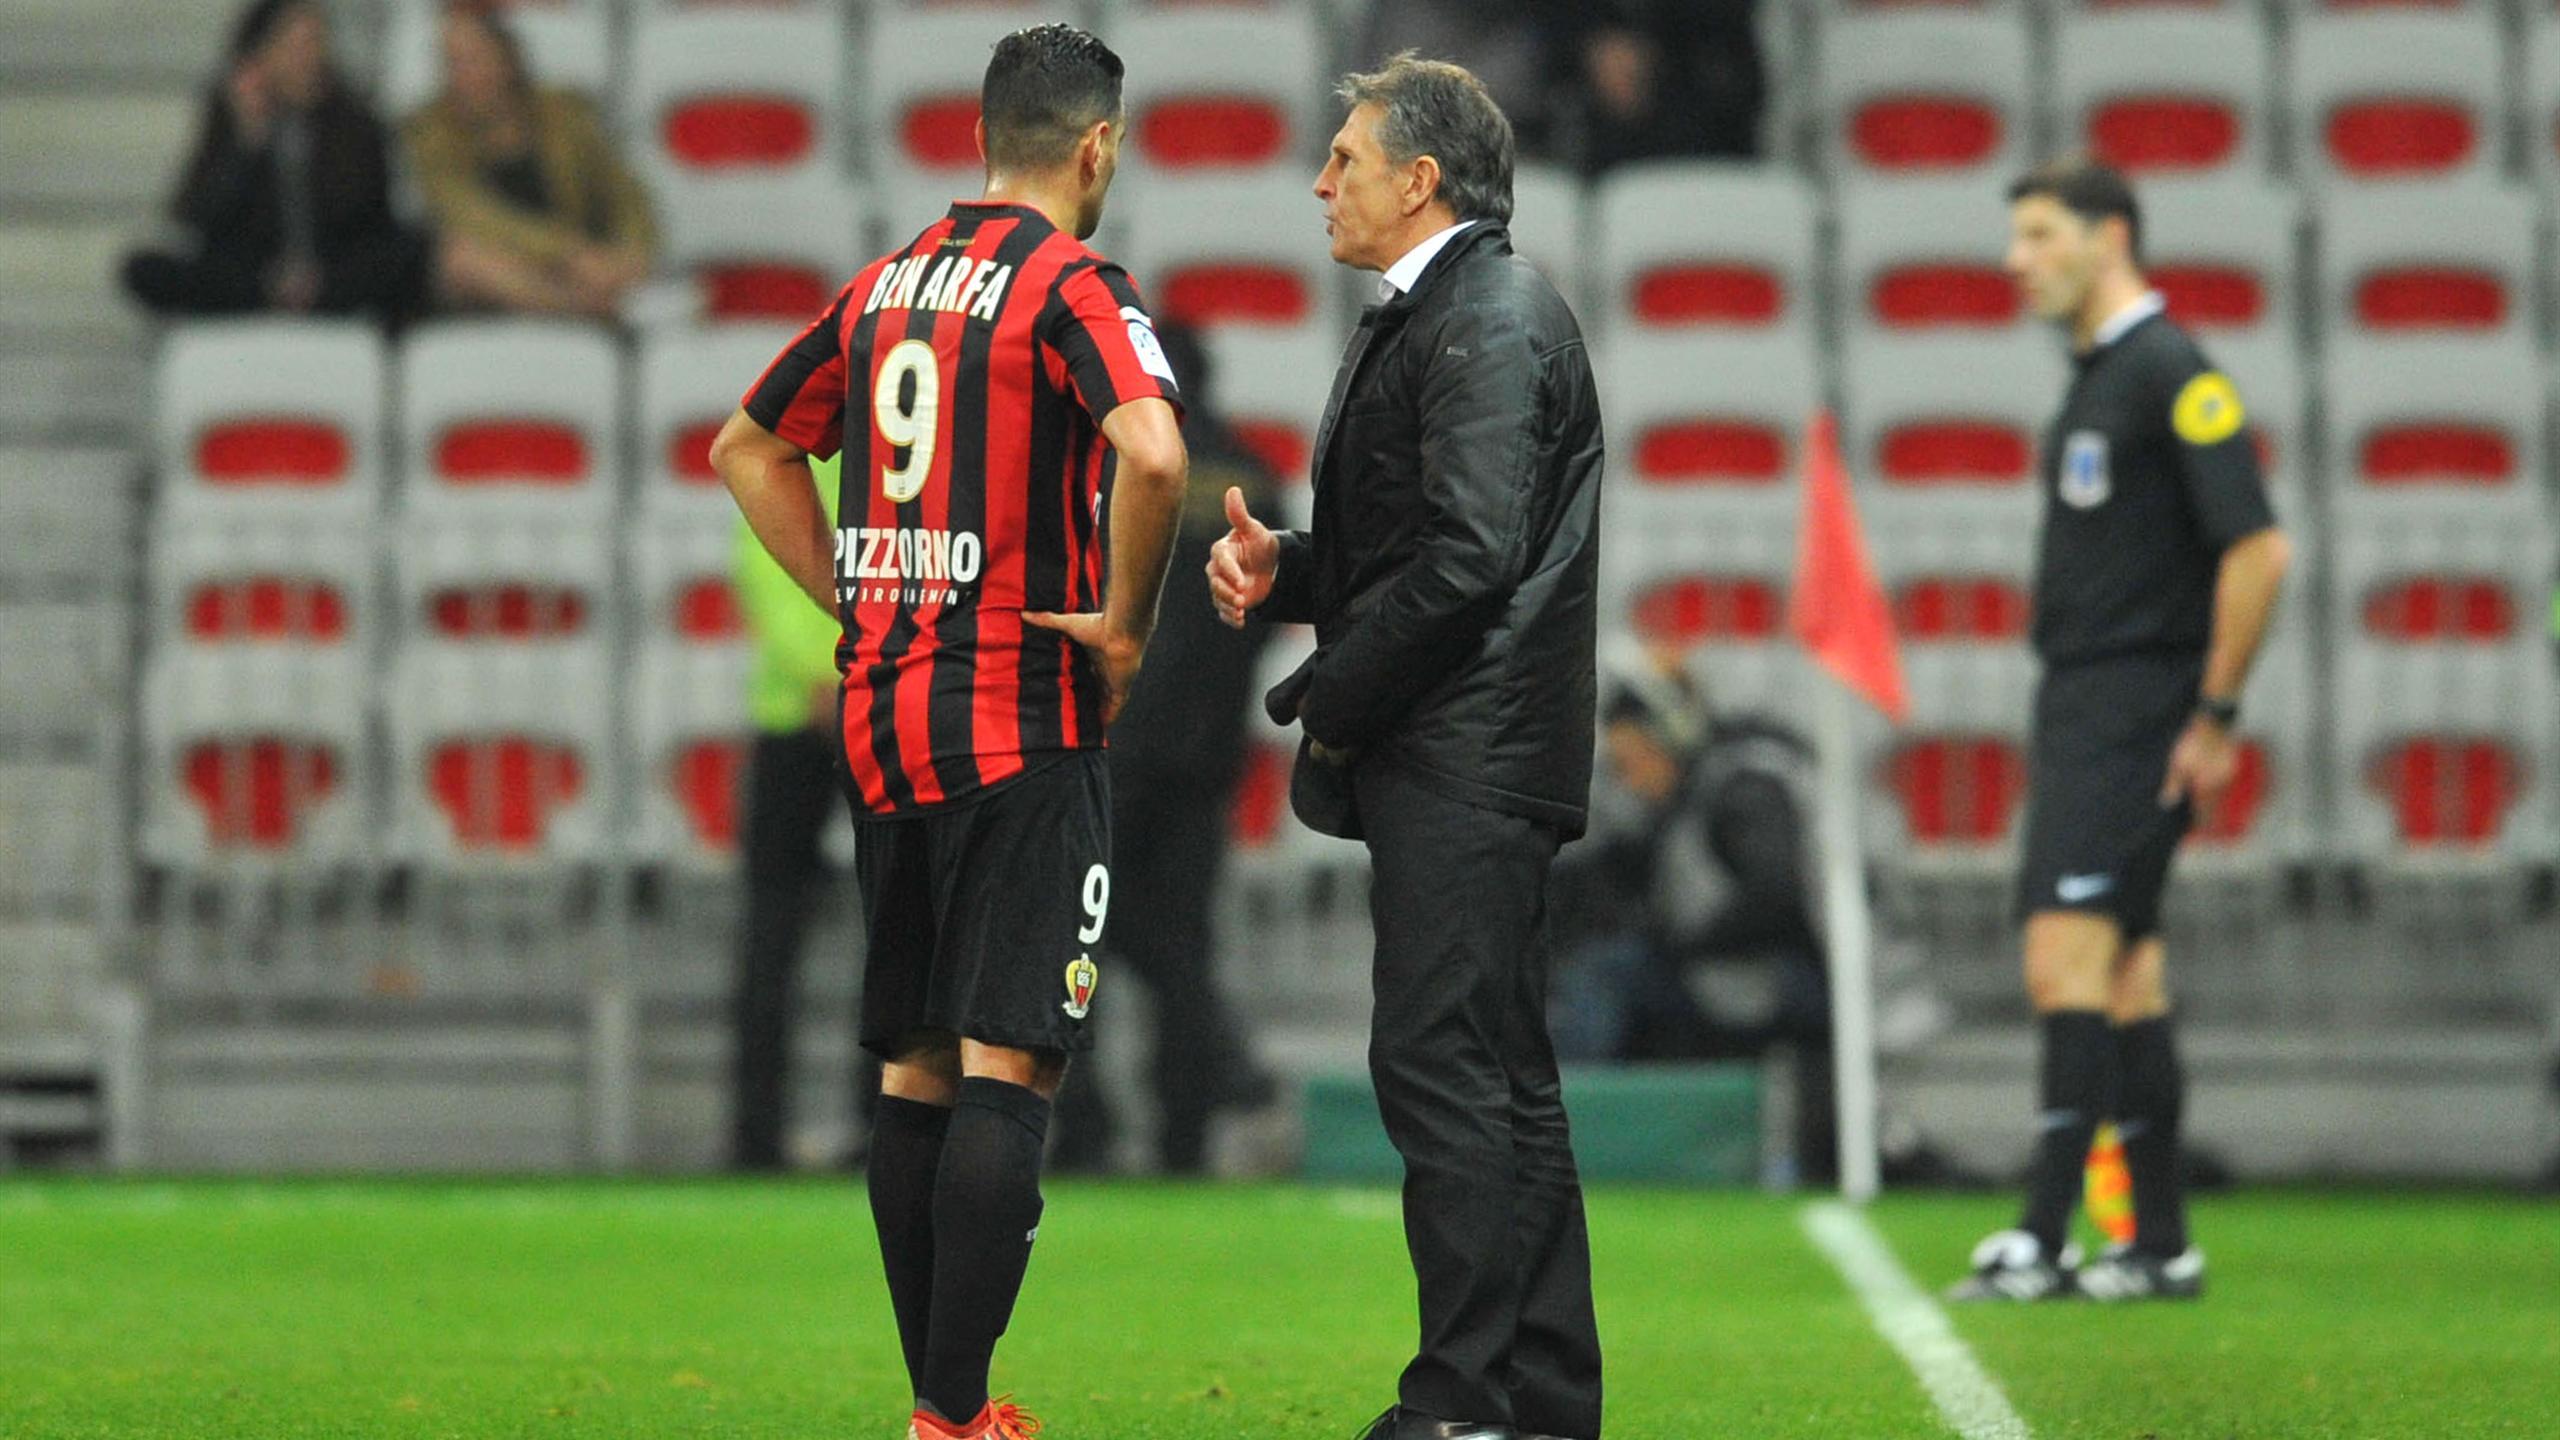 Hatem Ben Arfa en discussions avec Claude Puel